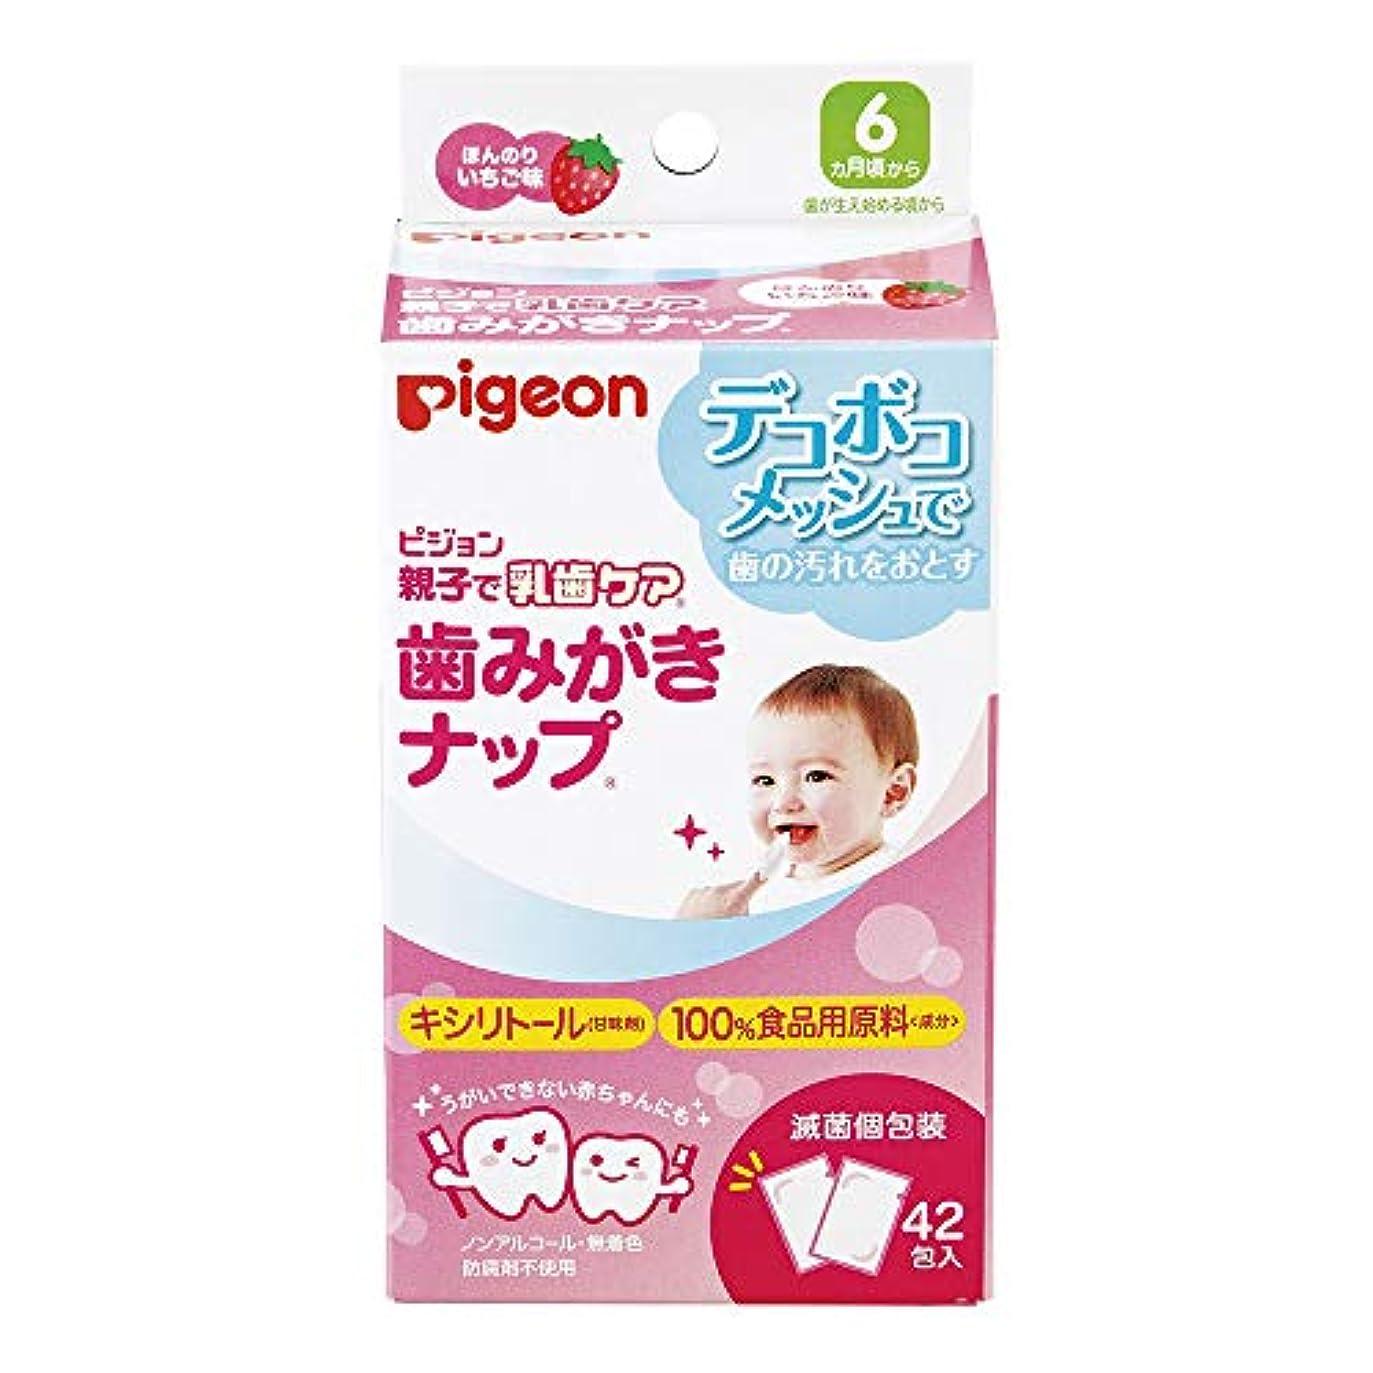 商品運命的な他のバンドでピジョン(Pigeon) 親子で乳歯ケア 歯みがきナップ (個包装) ウェットタイプ 【やさしく拭き取る】 子ども用 歯磨きシート いちご味 42包入